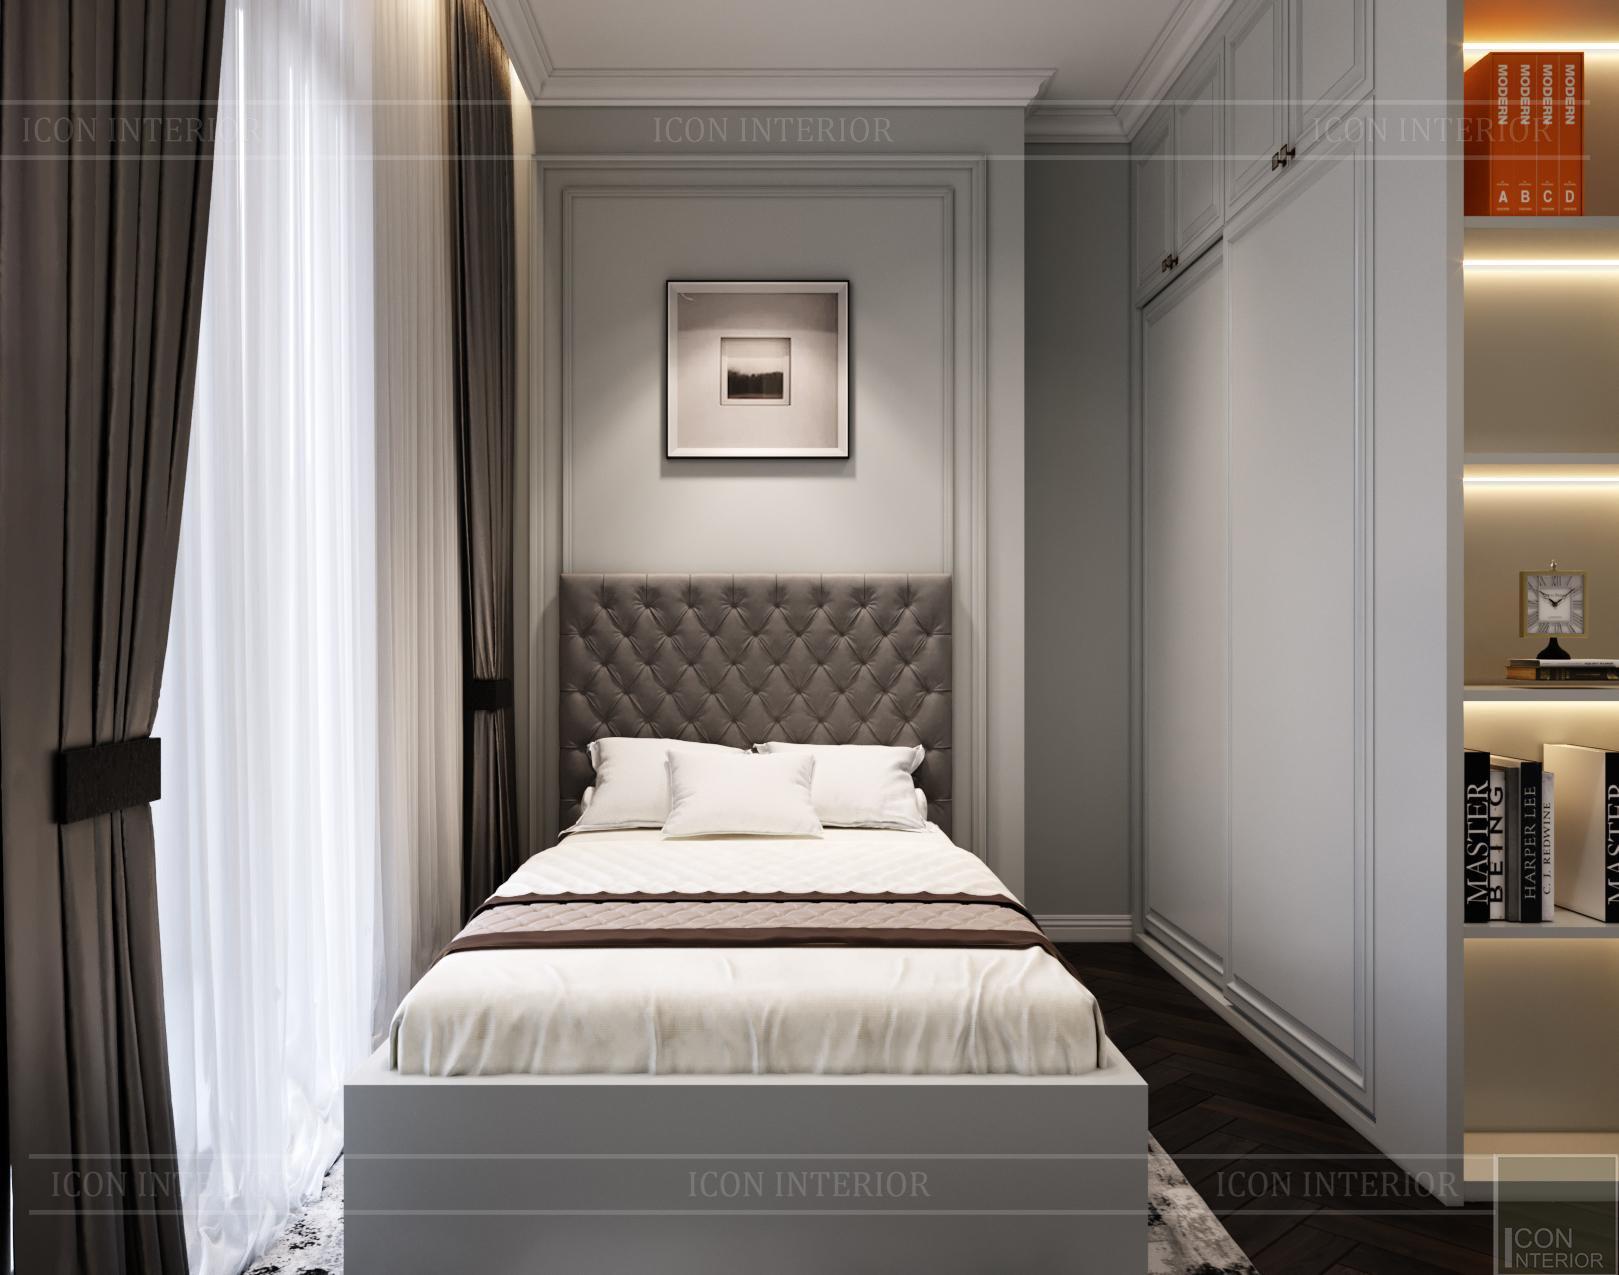 Thiết kế căn hộ Kingdom 101 - phòng ngủ 1